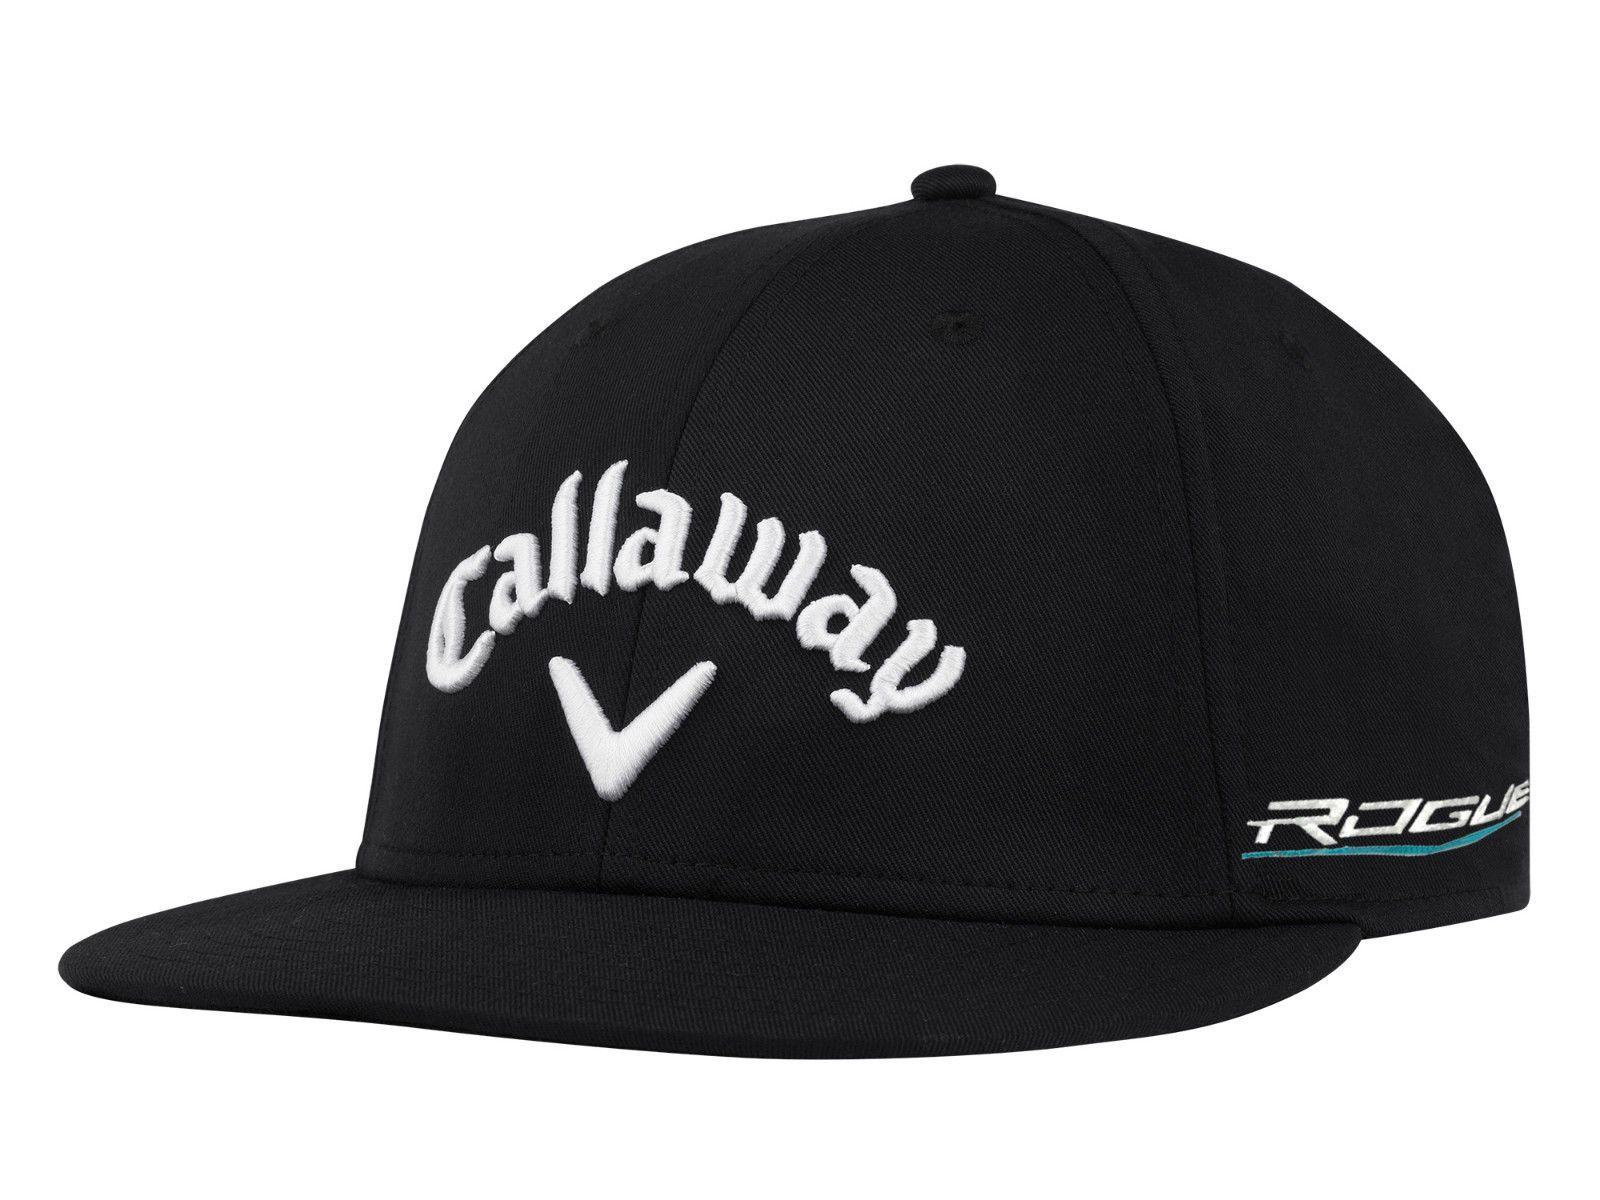 Callaway Golf 2018 TA Performance Pro Flat Bill Rogue Hat Cap COLOR  Black dfbfab49085